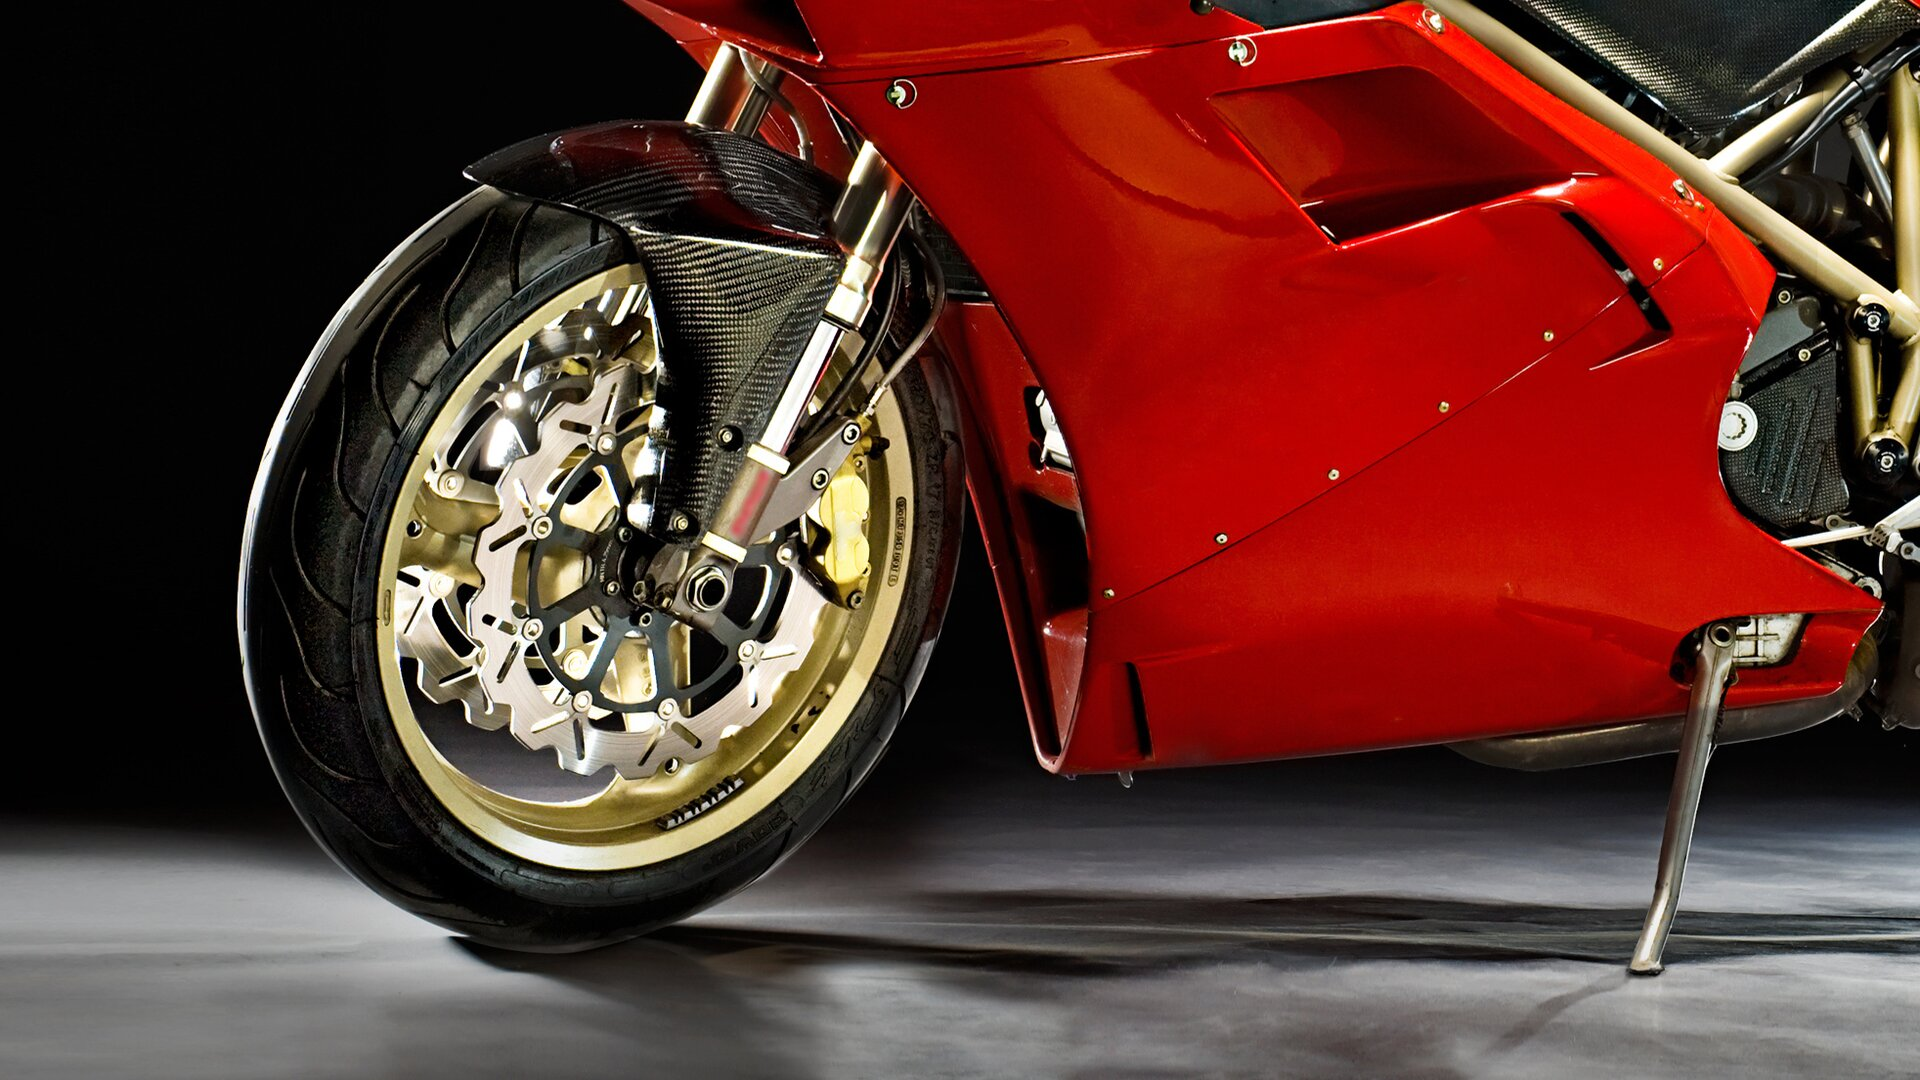 Błotnik koła motocykla wytworzony zwysokiej trwałości włókien węglowych